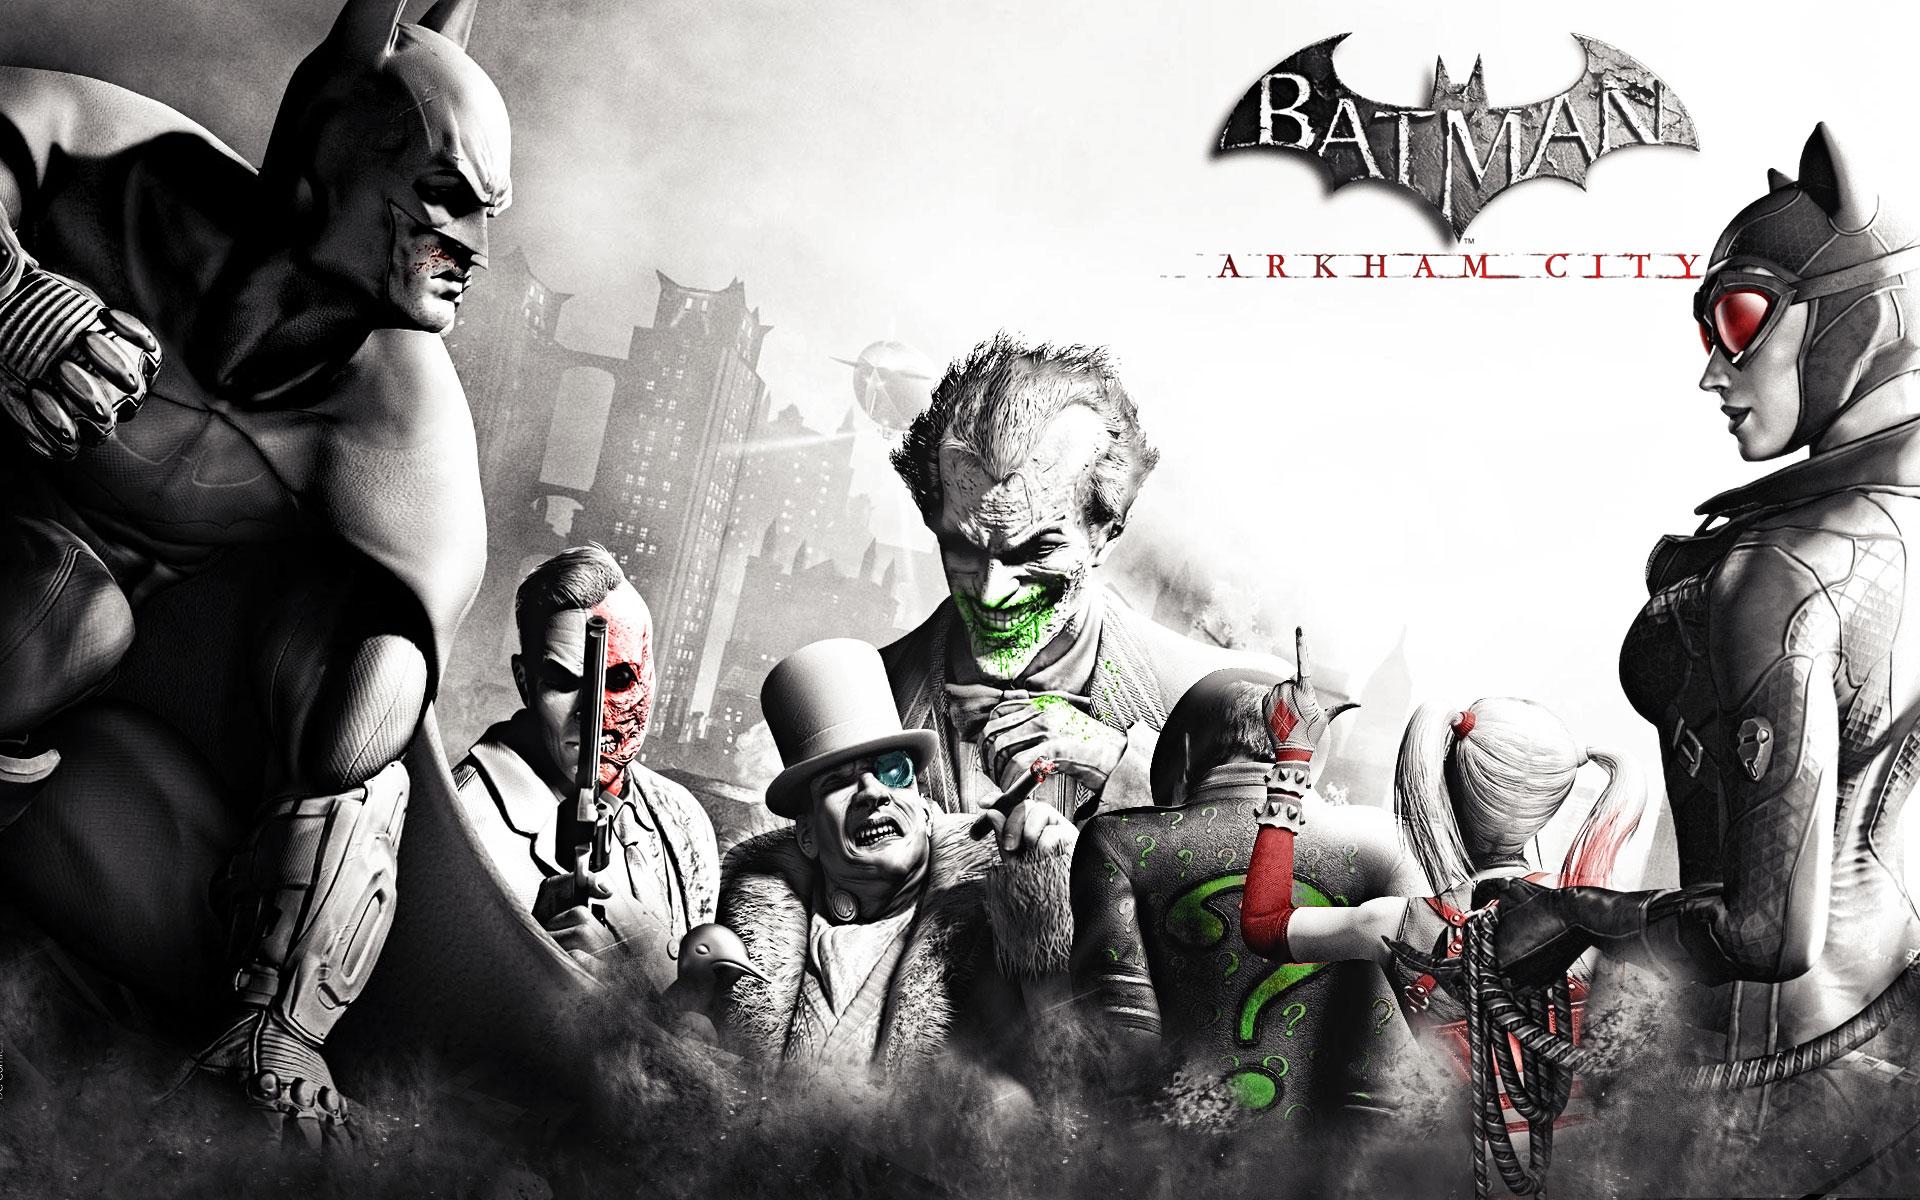 Batman Arkham City Wallpaper Arlequina: Batman Arkham City Wallpaper By OutlawNinja On DeviantArt